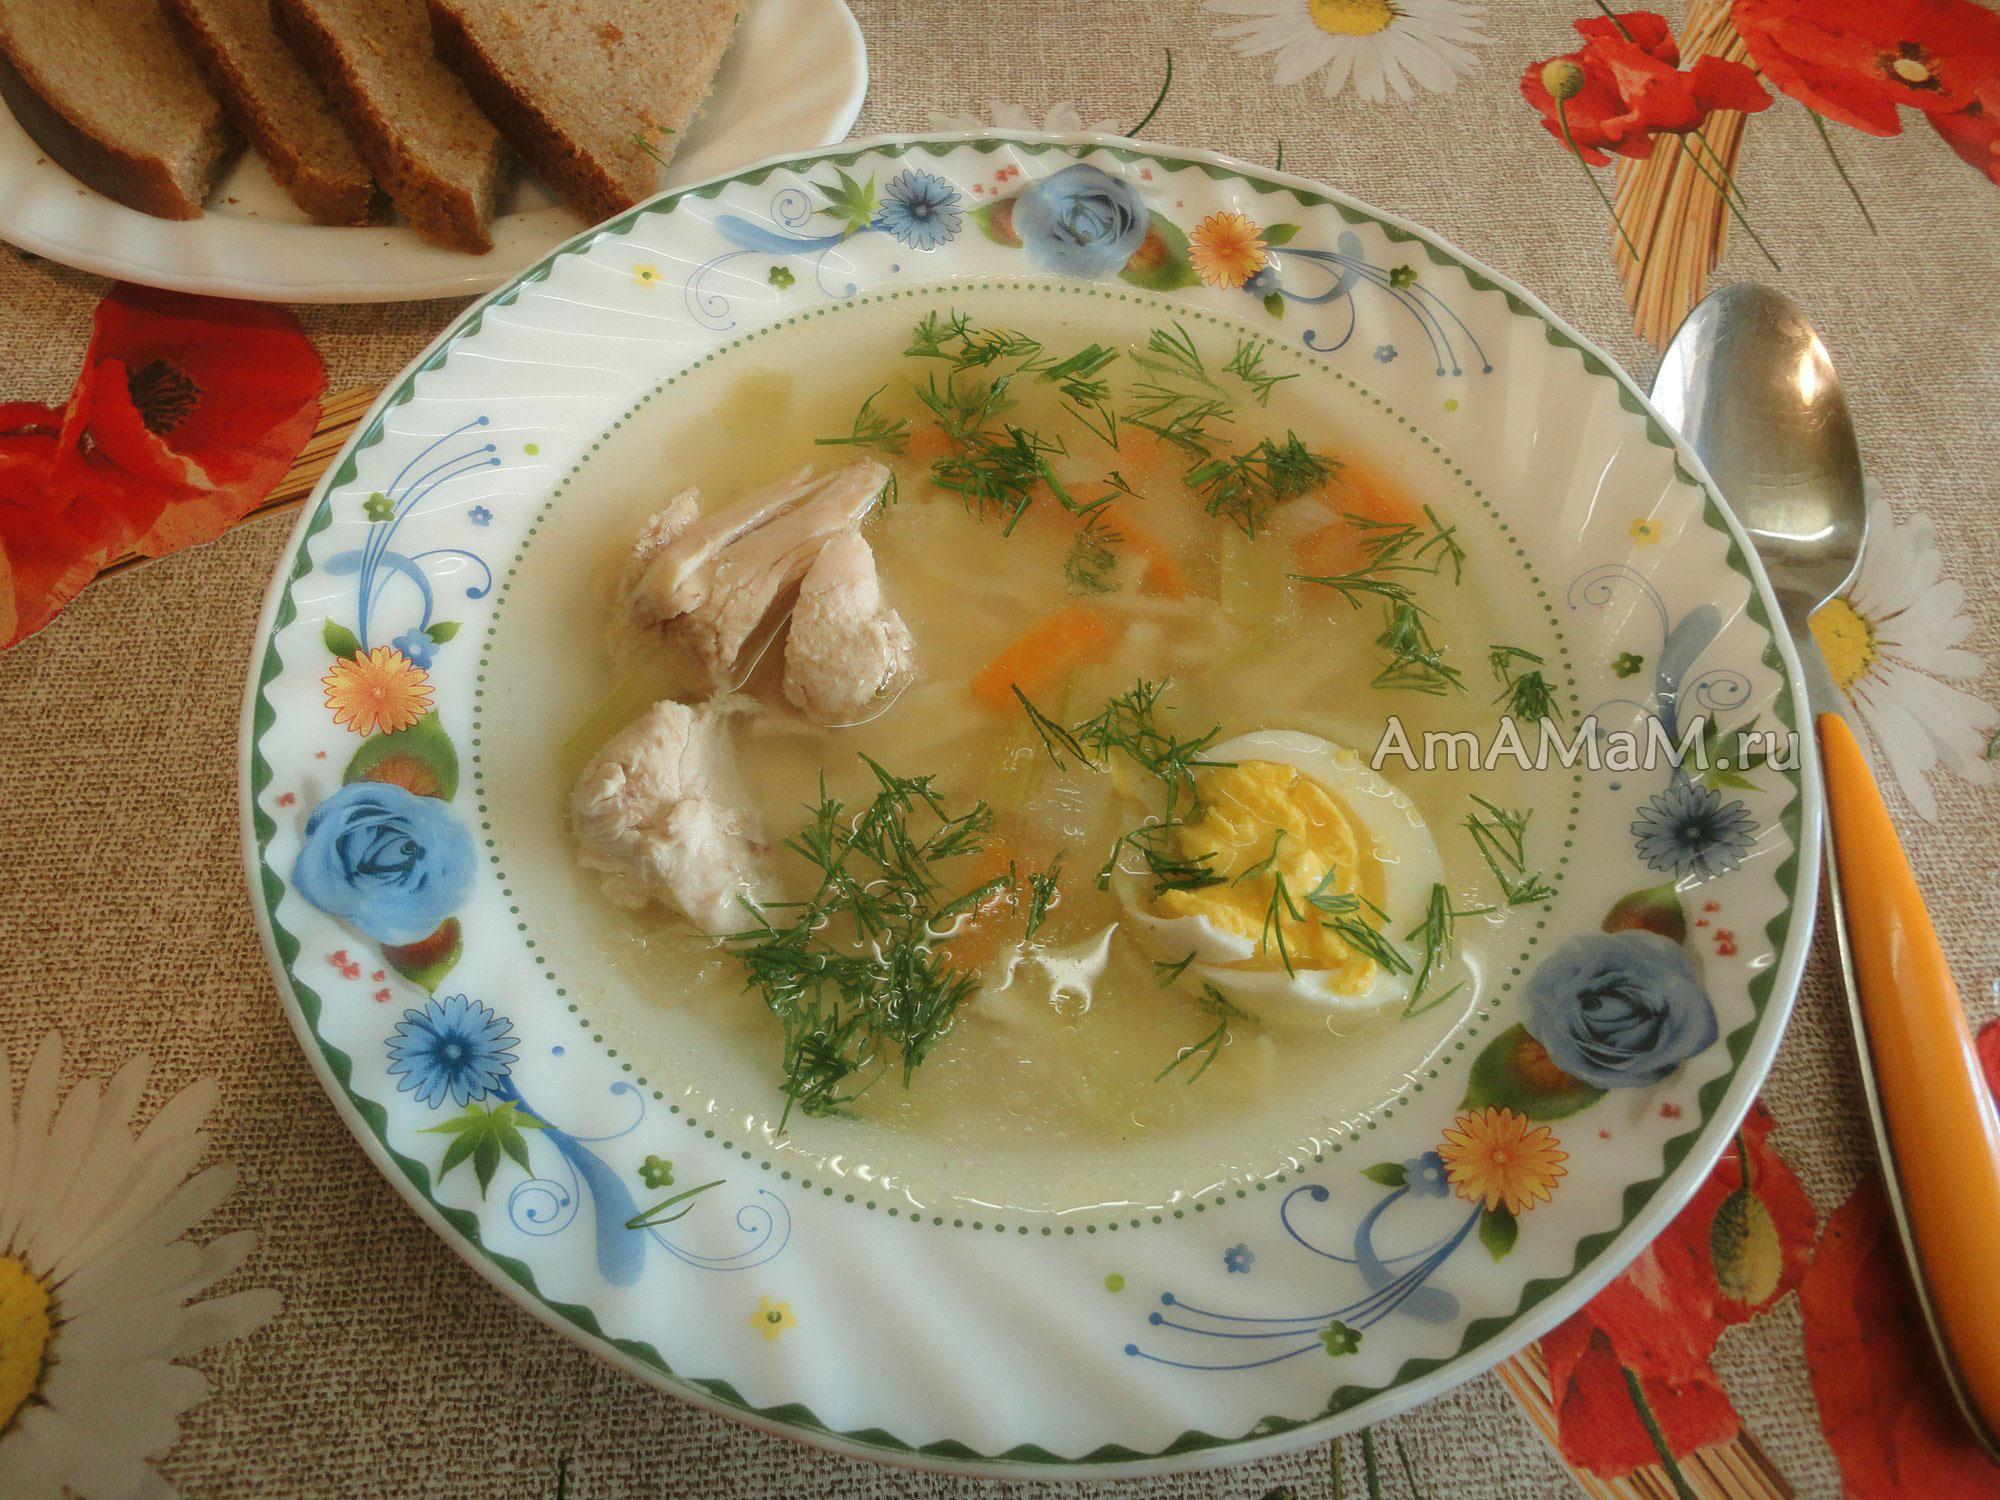 Суп с домашней лапшой с курицей рецепт пошагово